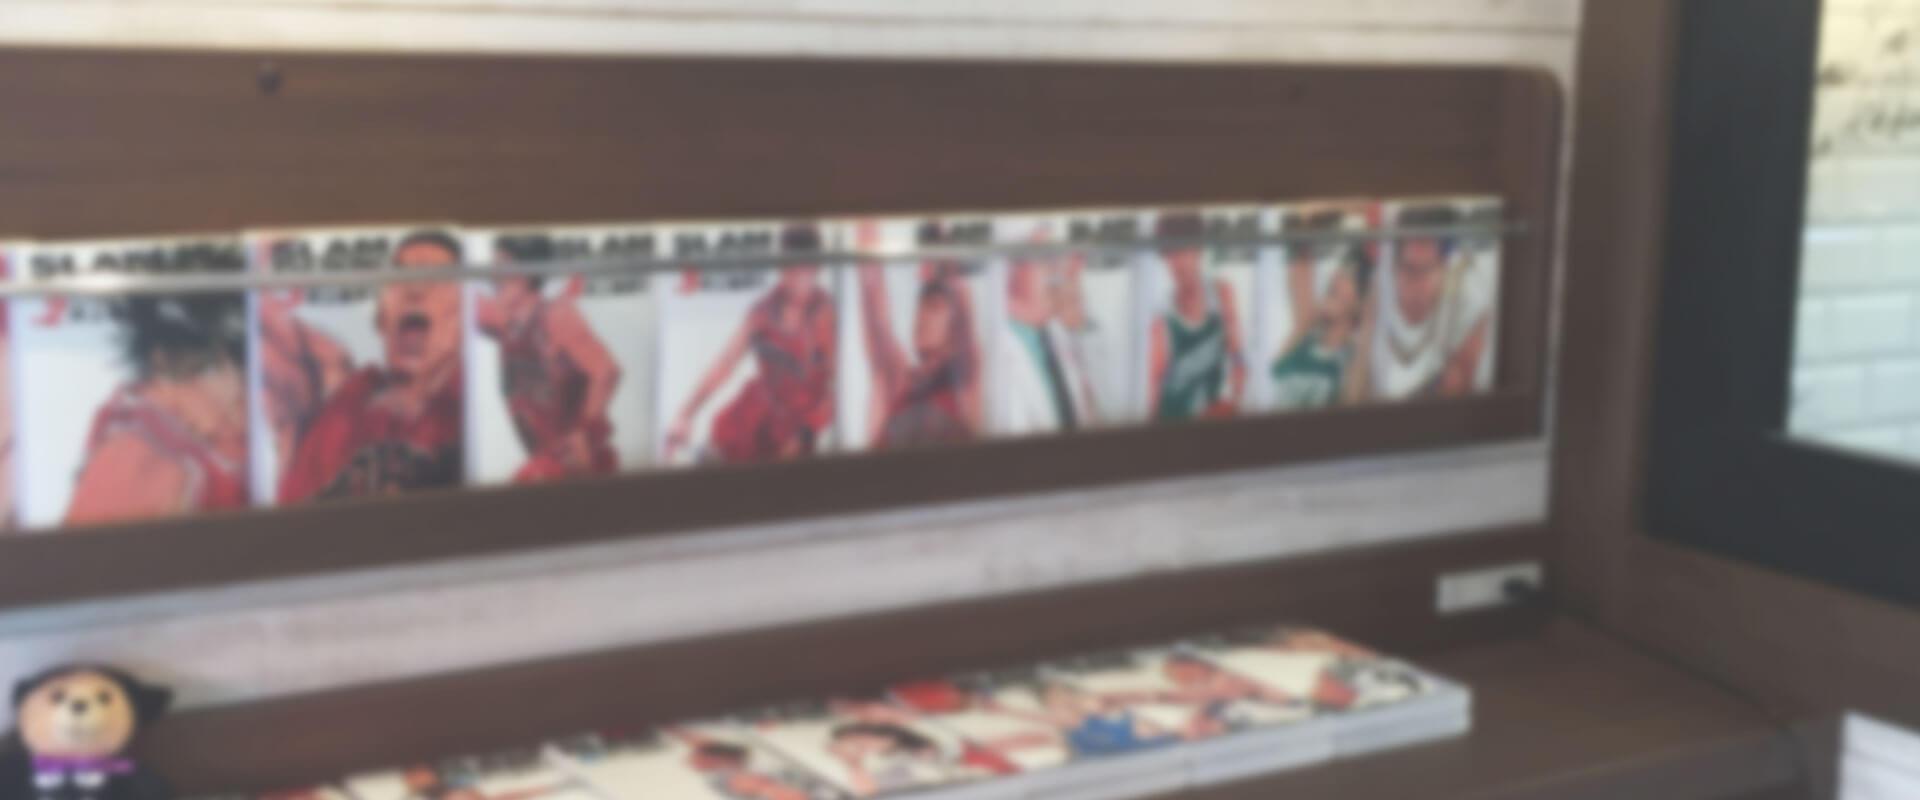 北浦和の美容院(美容室)robii メニュー&キャンペーンコンテンツ イメージ画像